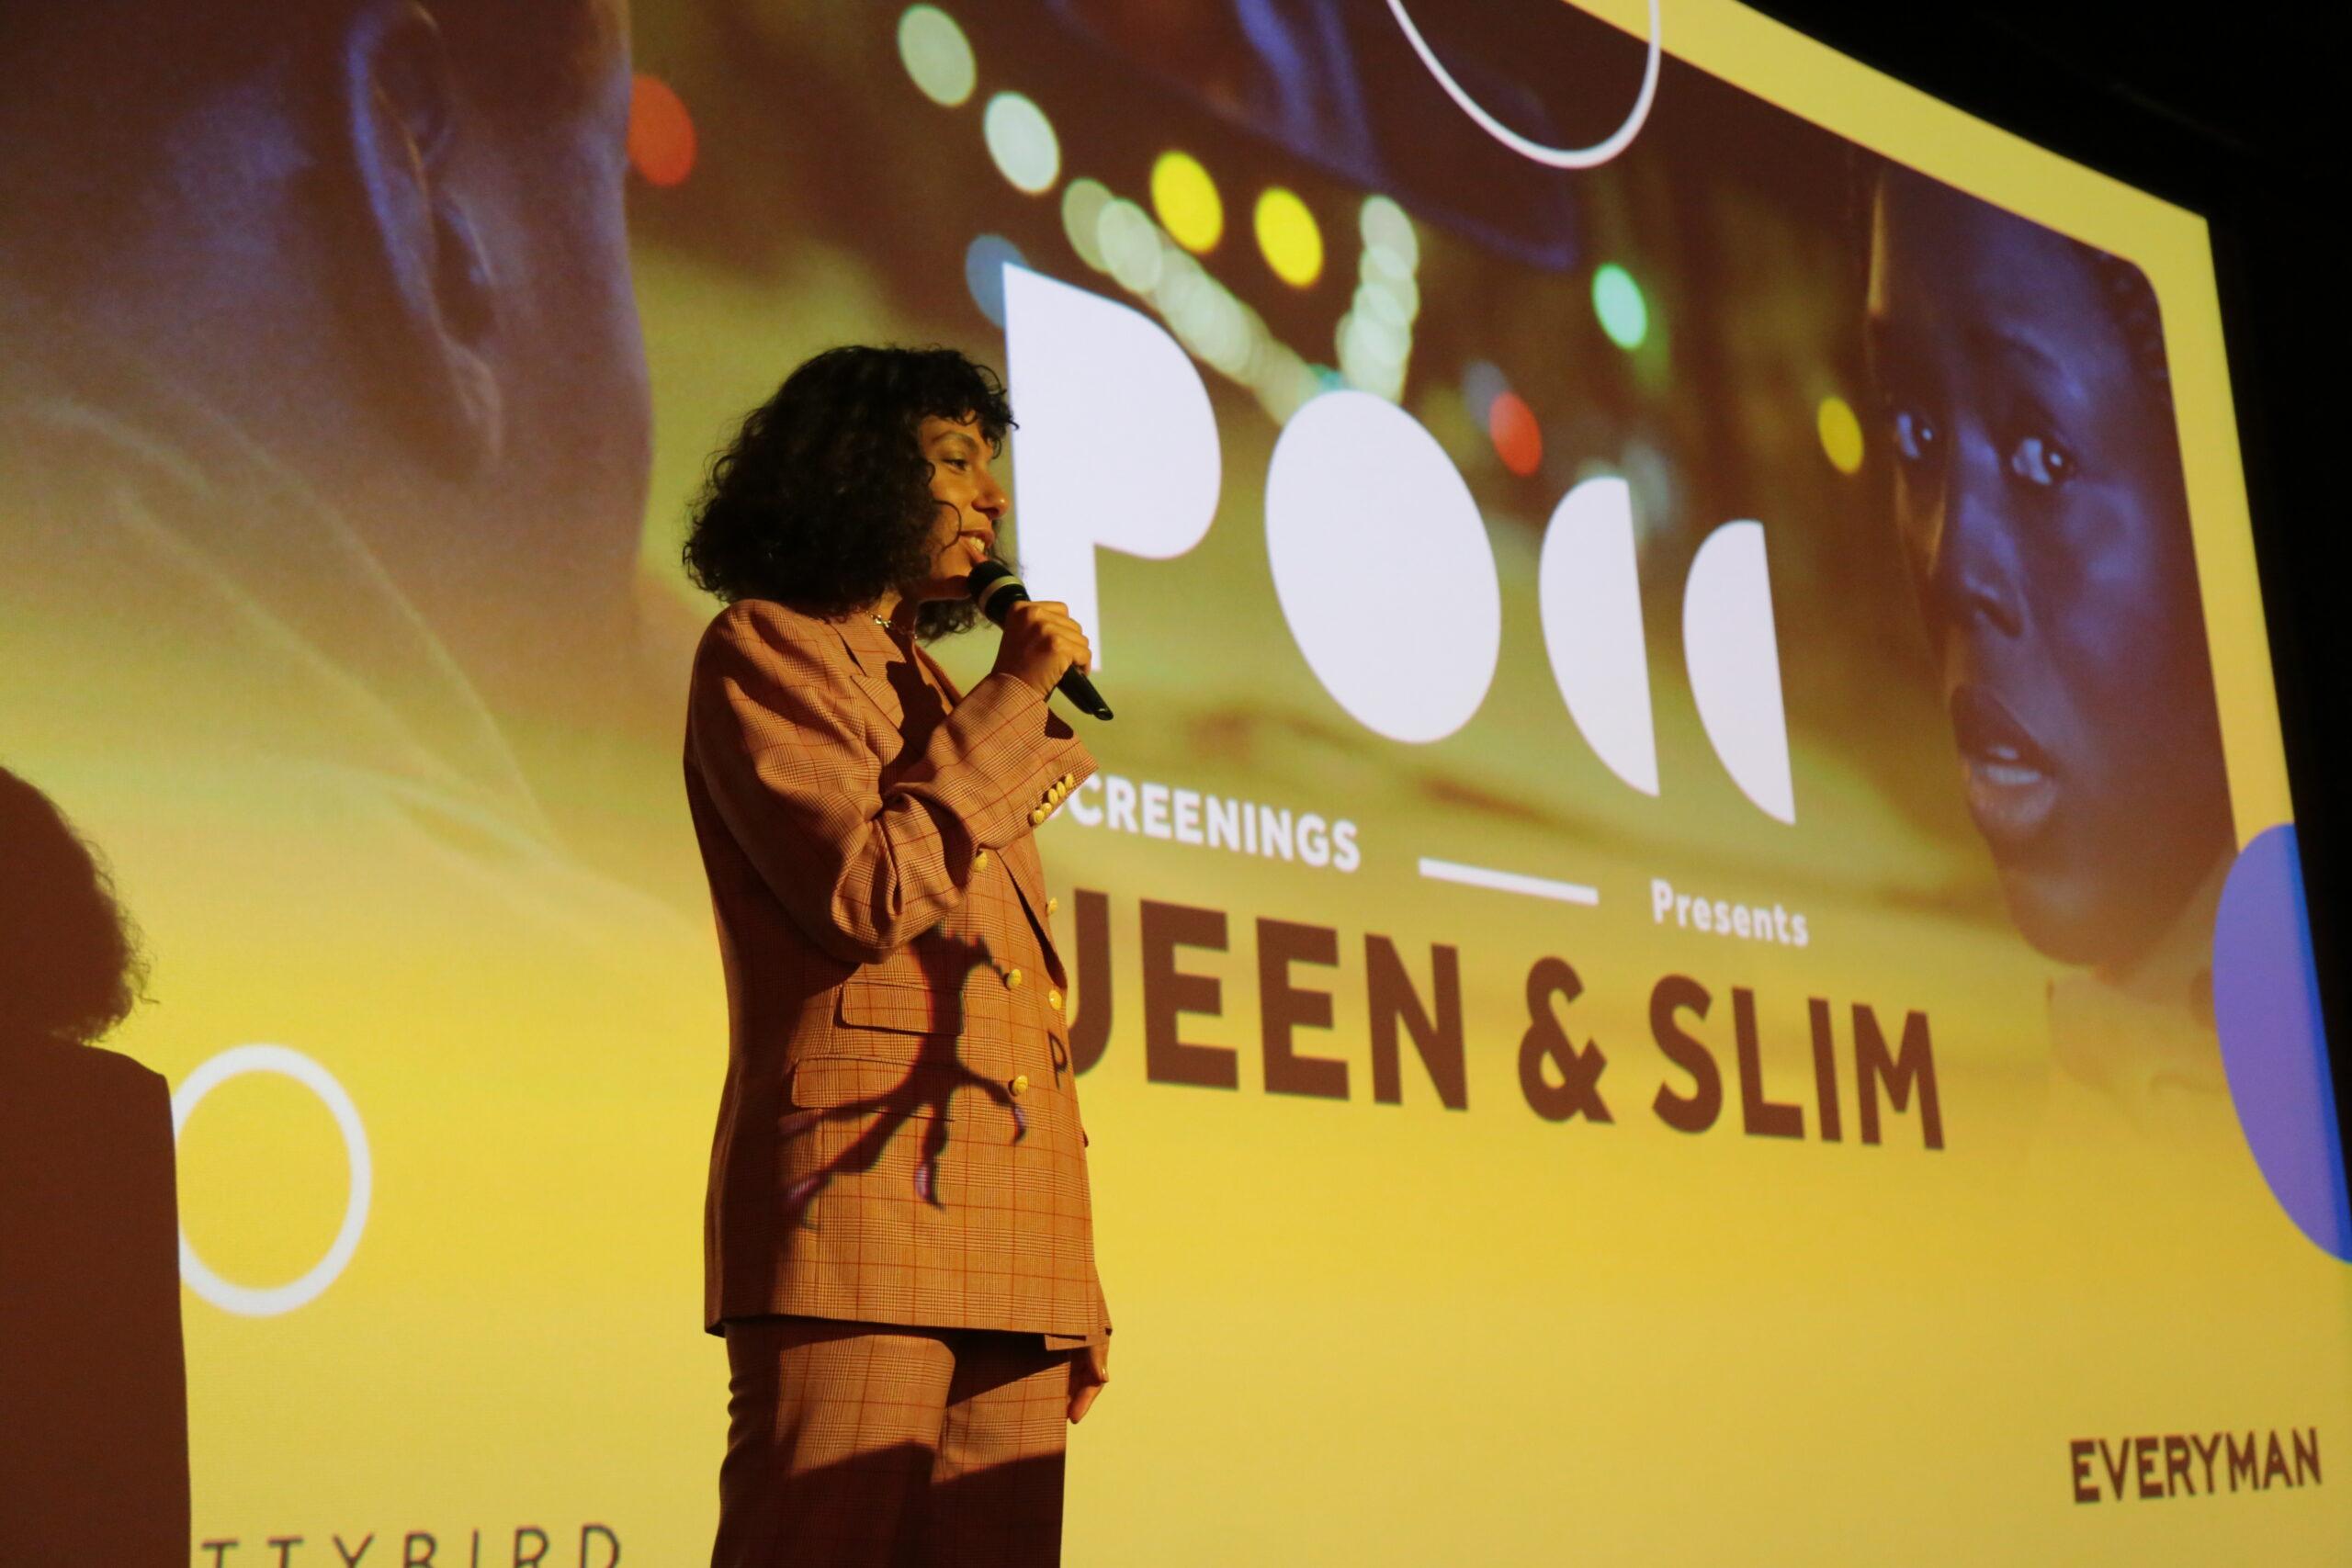 Queen & Slim Screening